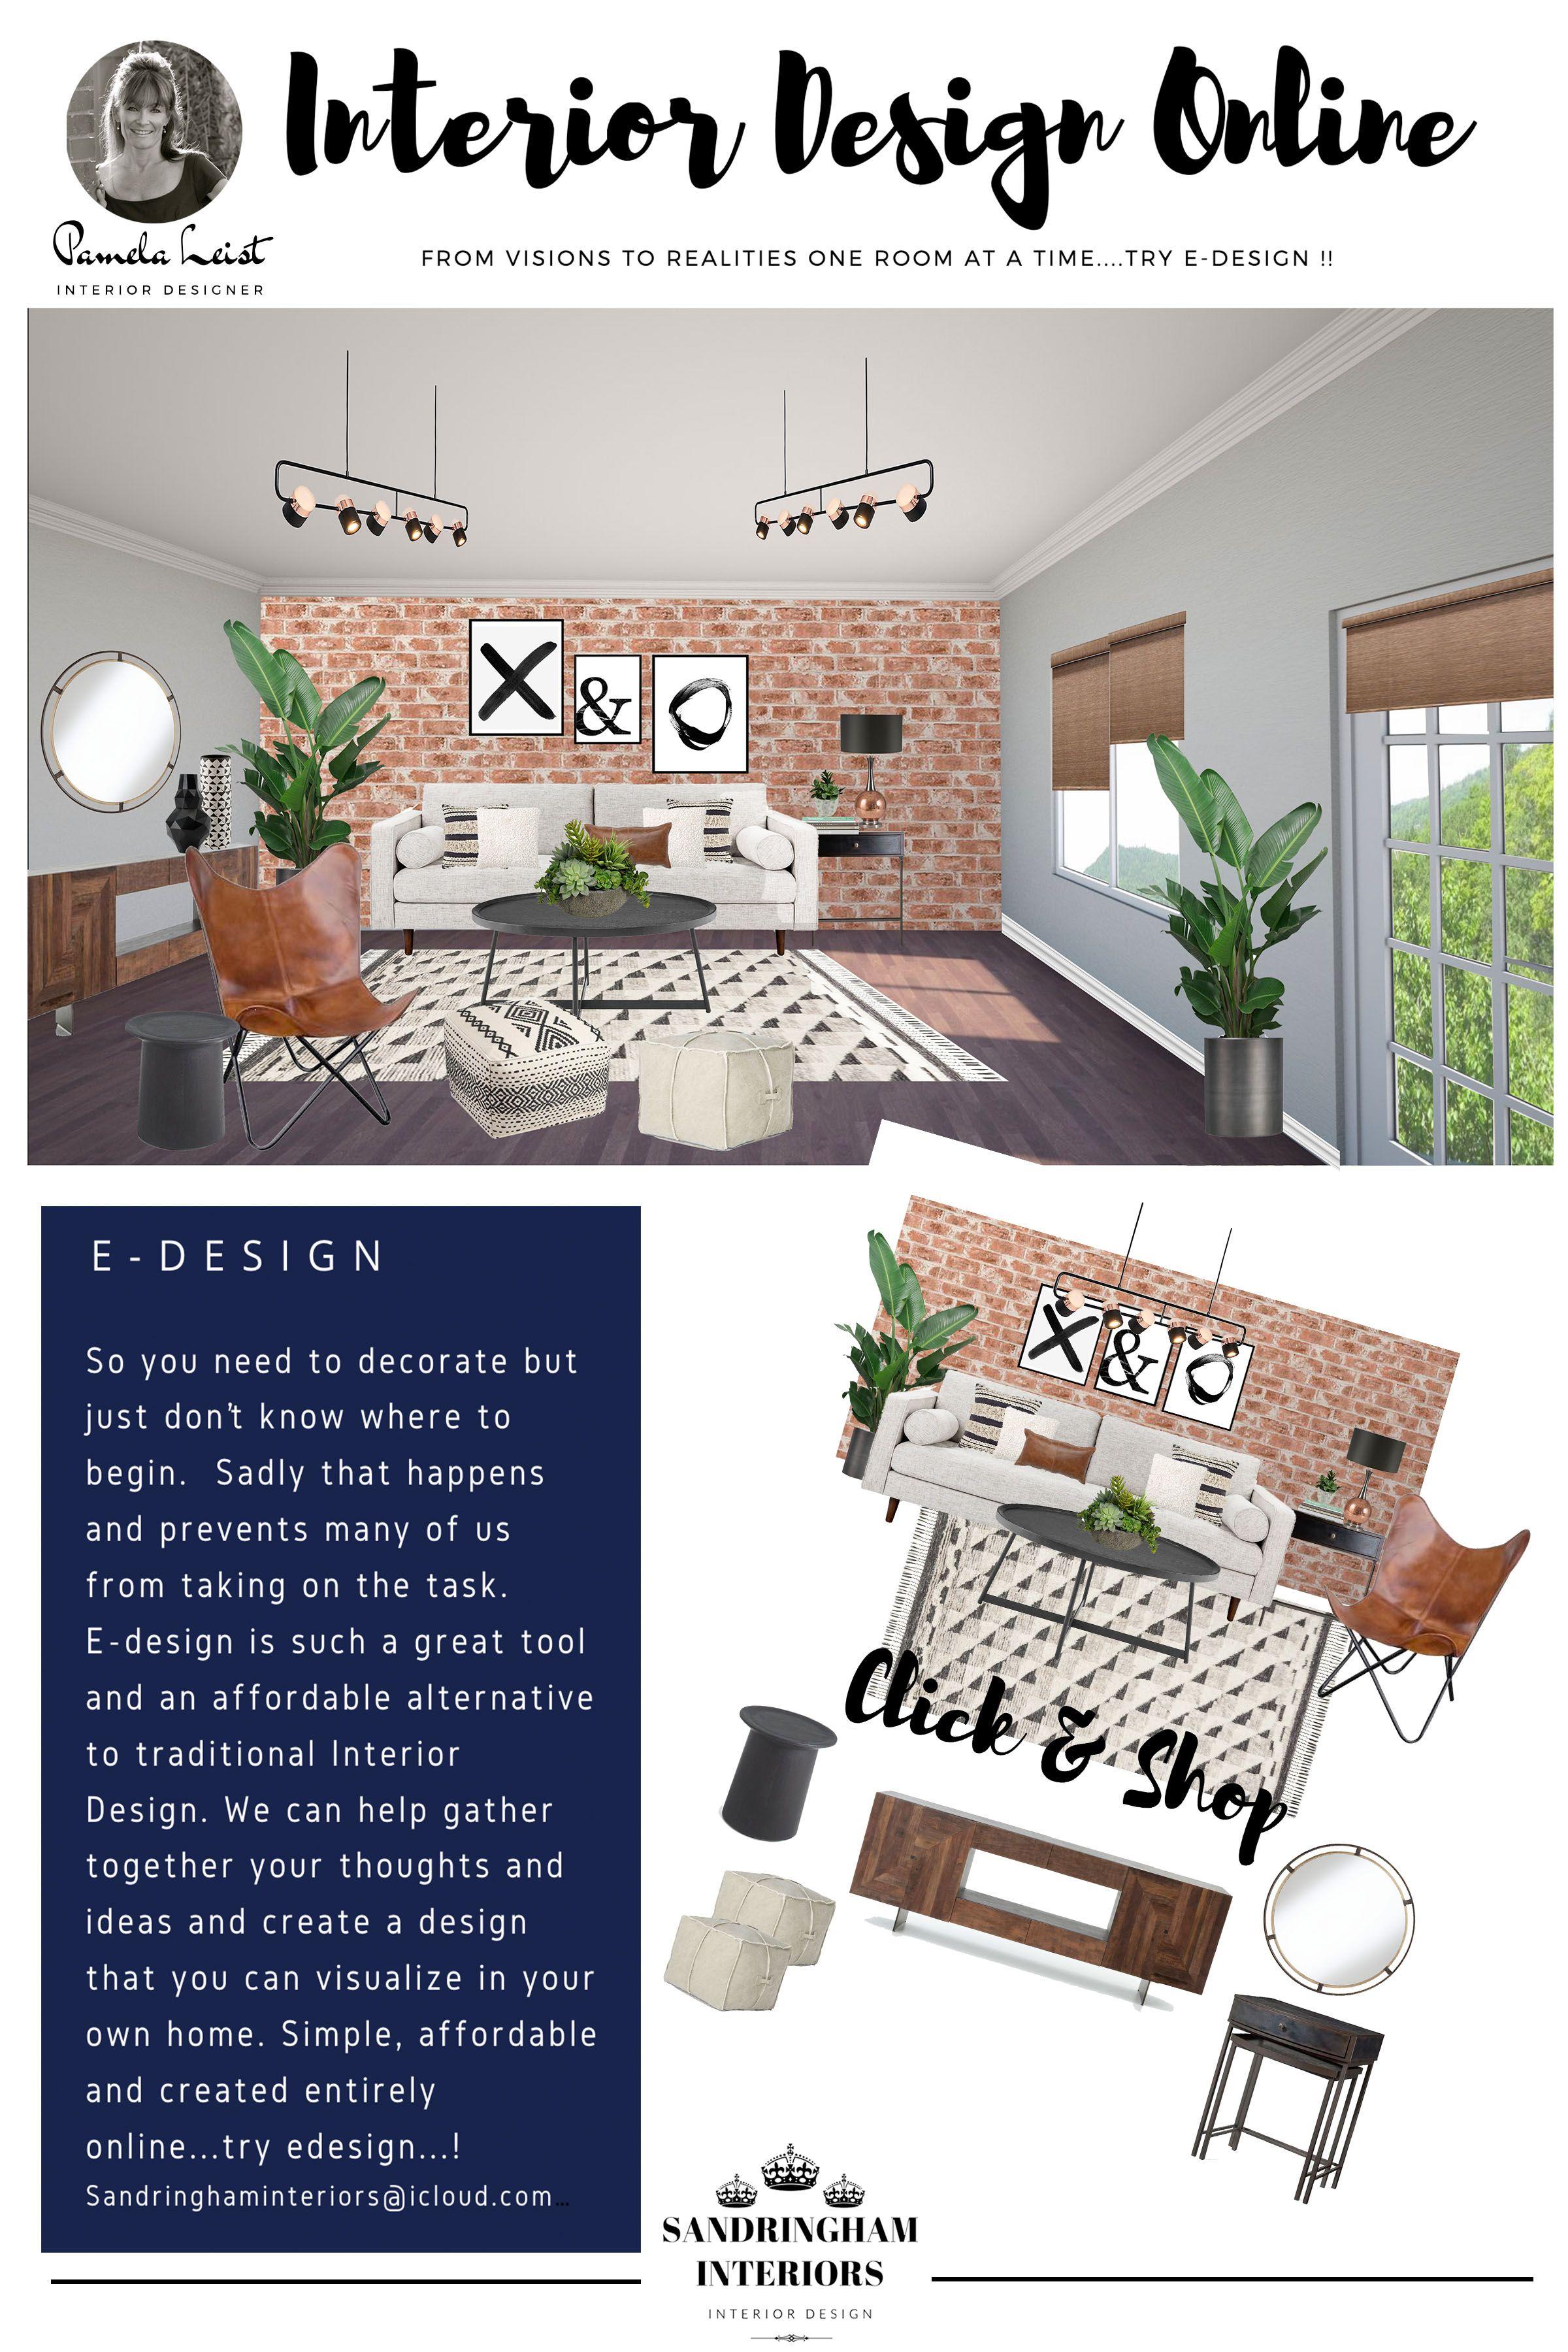 Interior Design Online Online Interior Design Interior Design